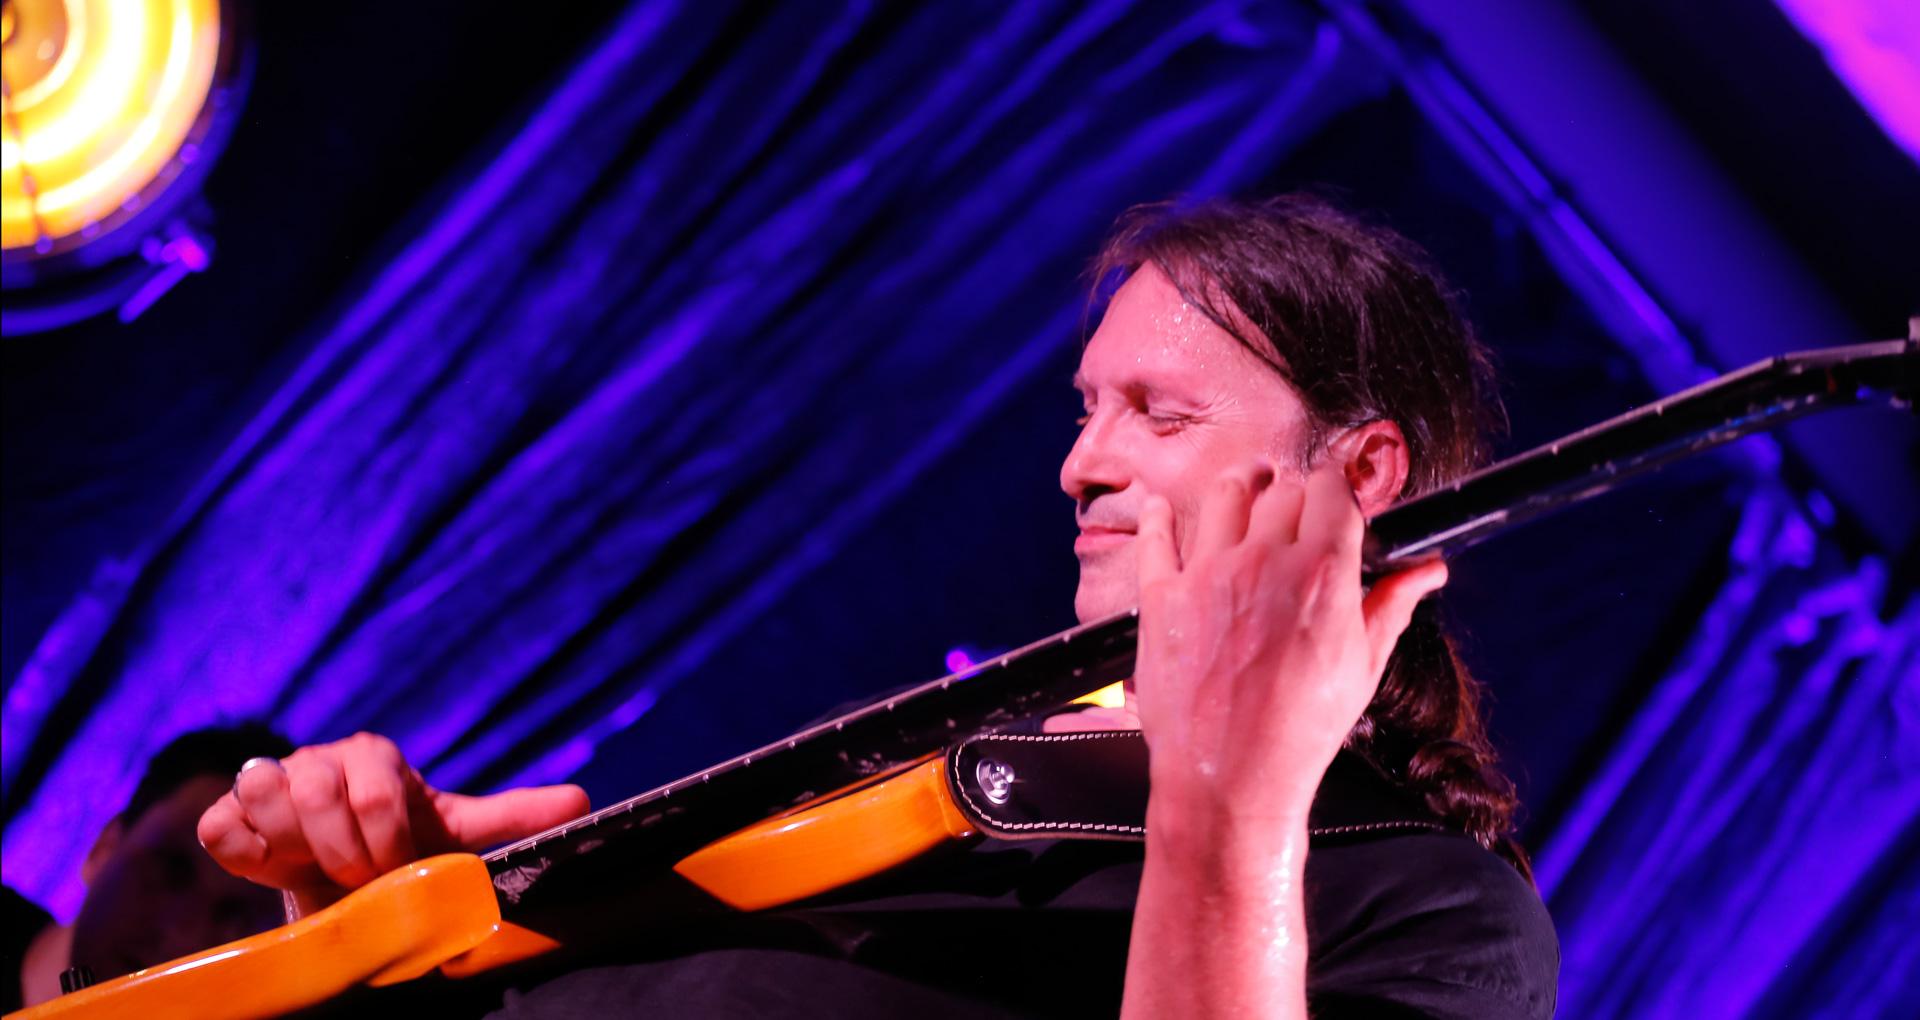 Steffen Knauss concert bassplayer yasi hofer